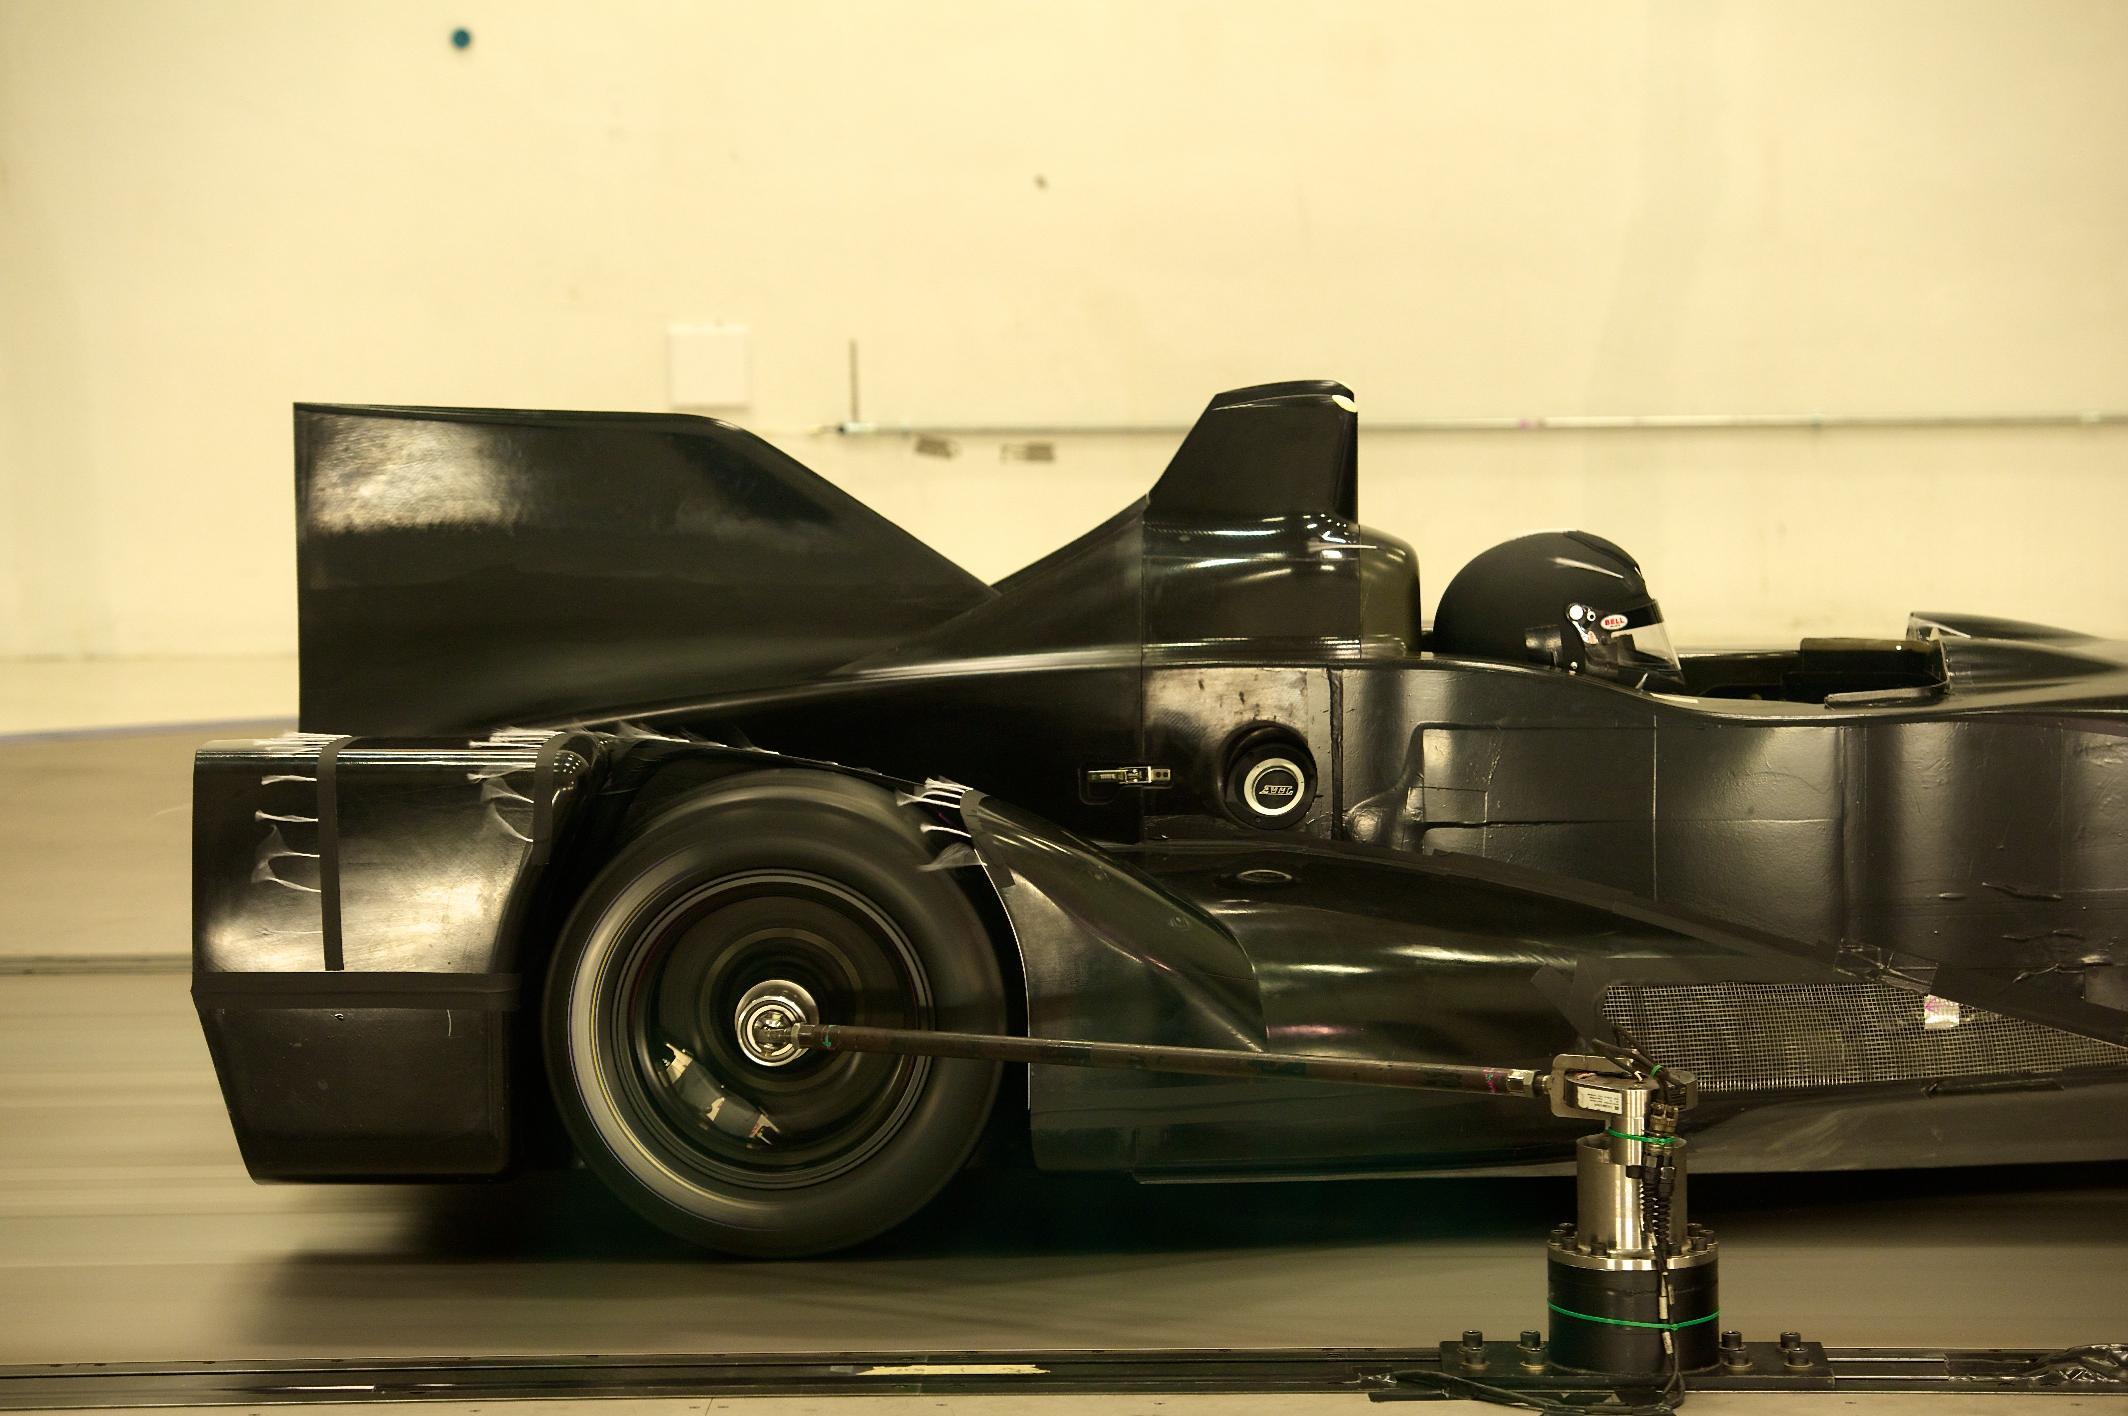 Nissan DeltaWing Batmobile Rear Wheel